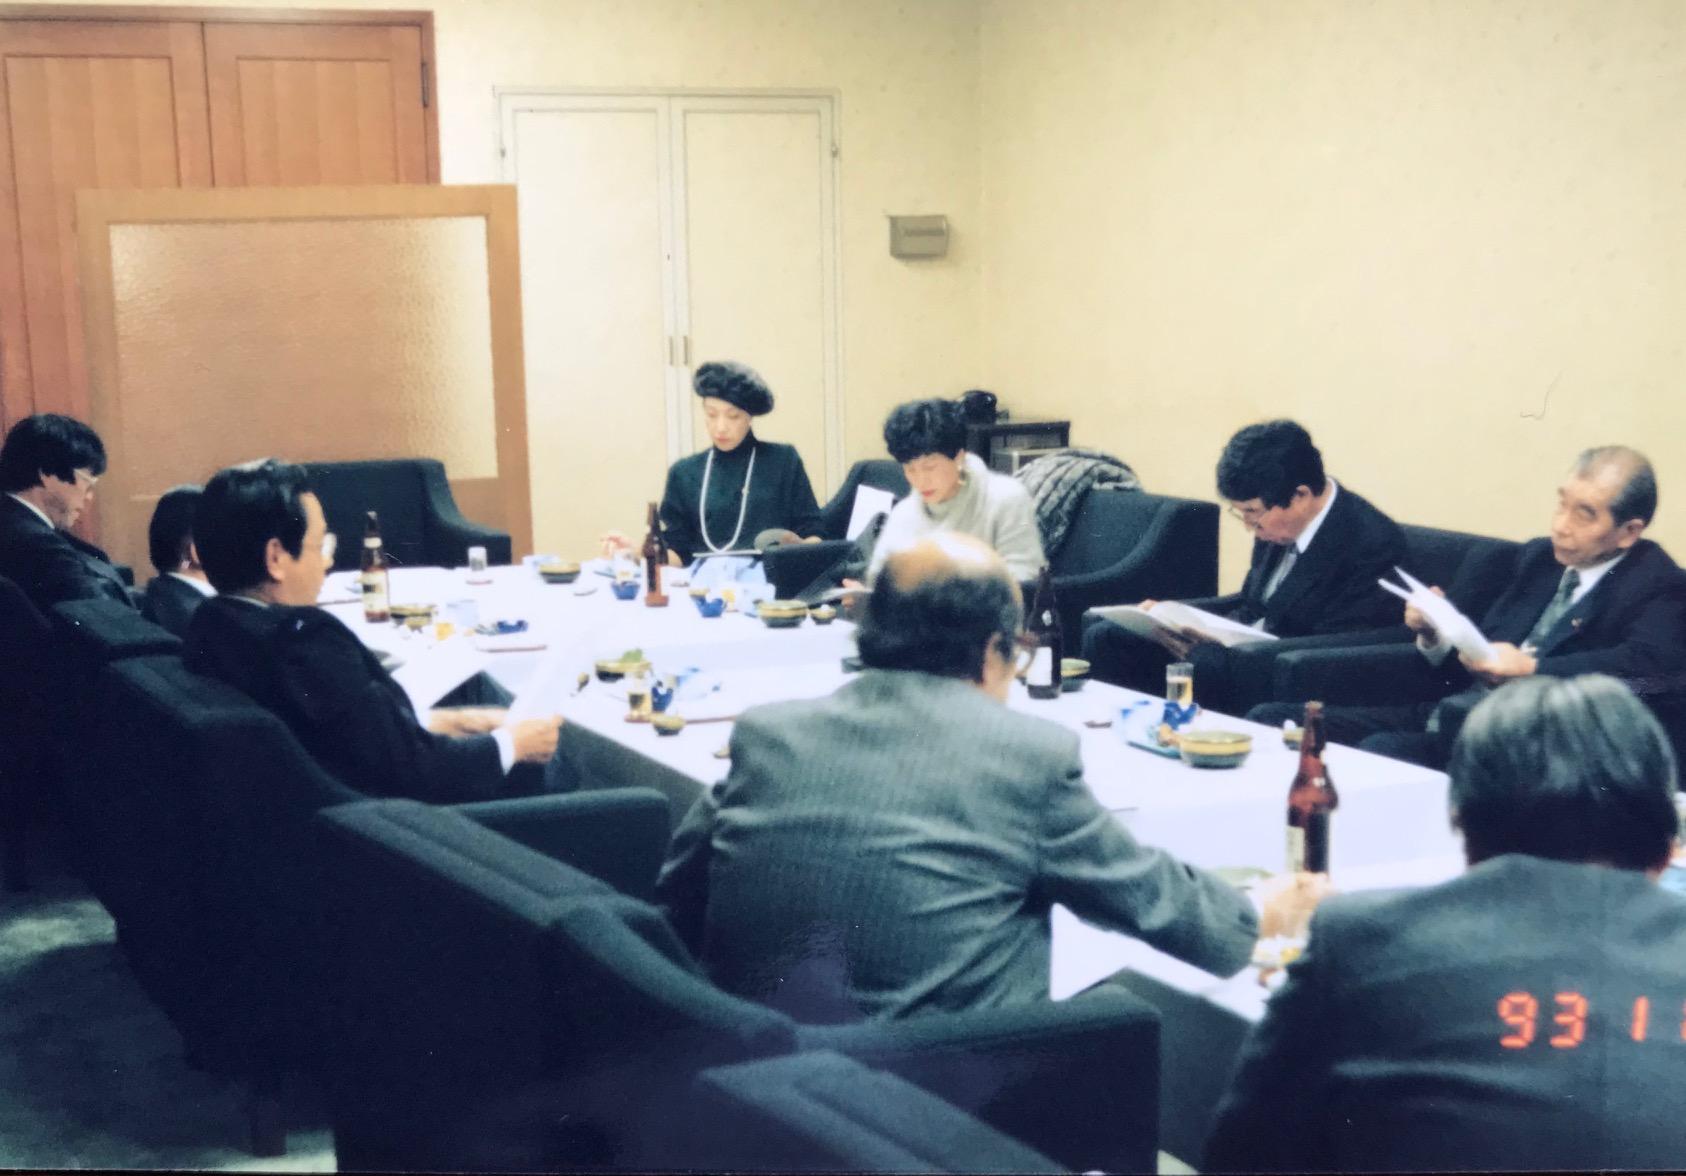 総理に政策提言したいと立ち上げた毎週1回開いていた勉強会「新政策フォーラム」=1993月11月24日